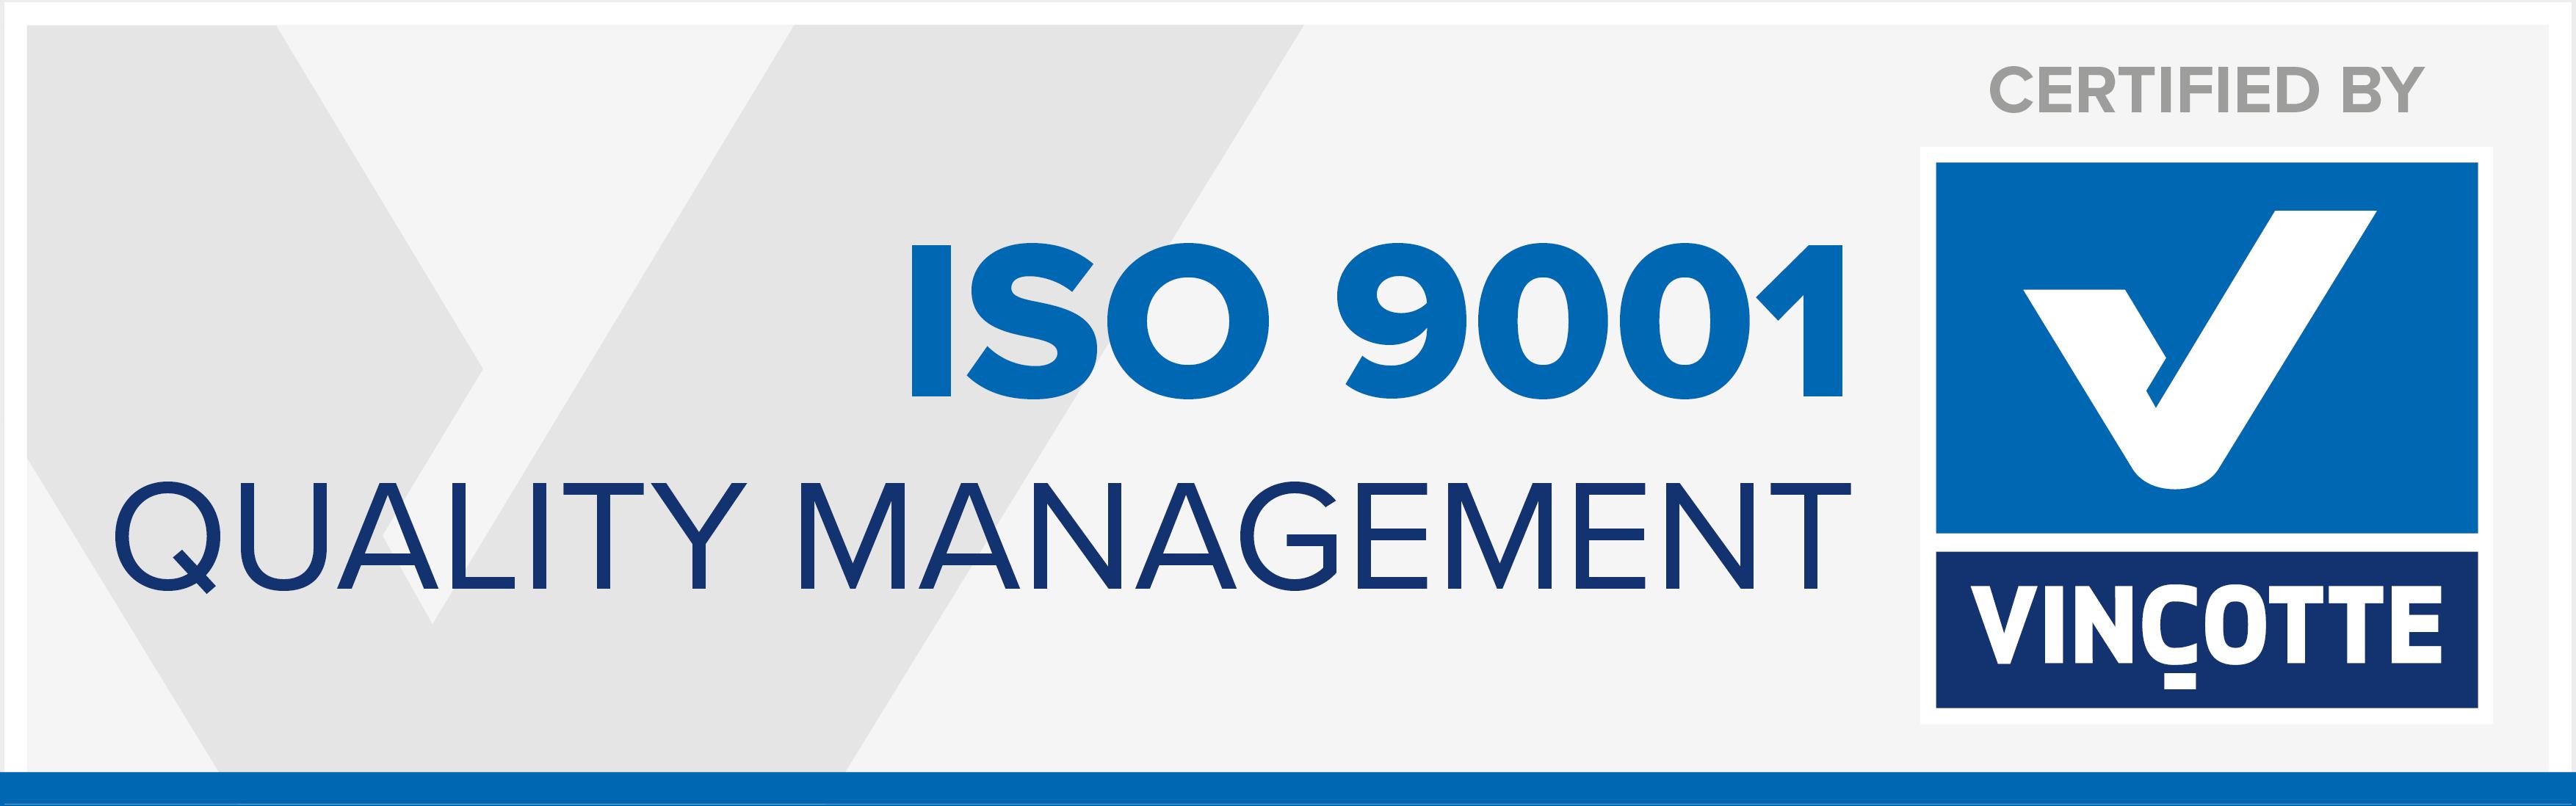 Vinc-otte-Stickers-CERT-v3-ISO9001-002